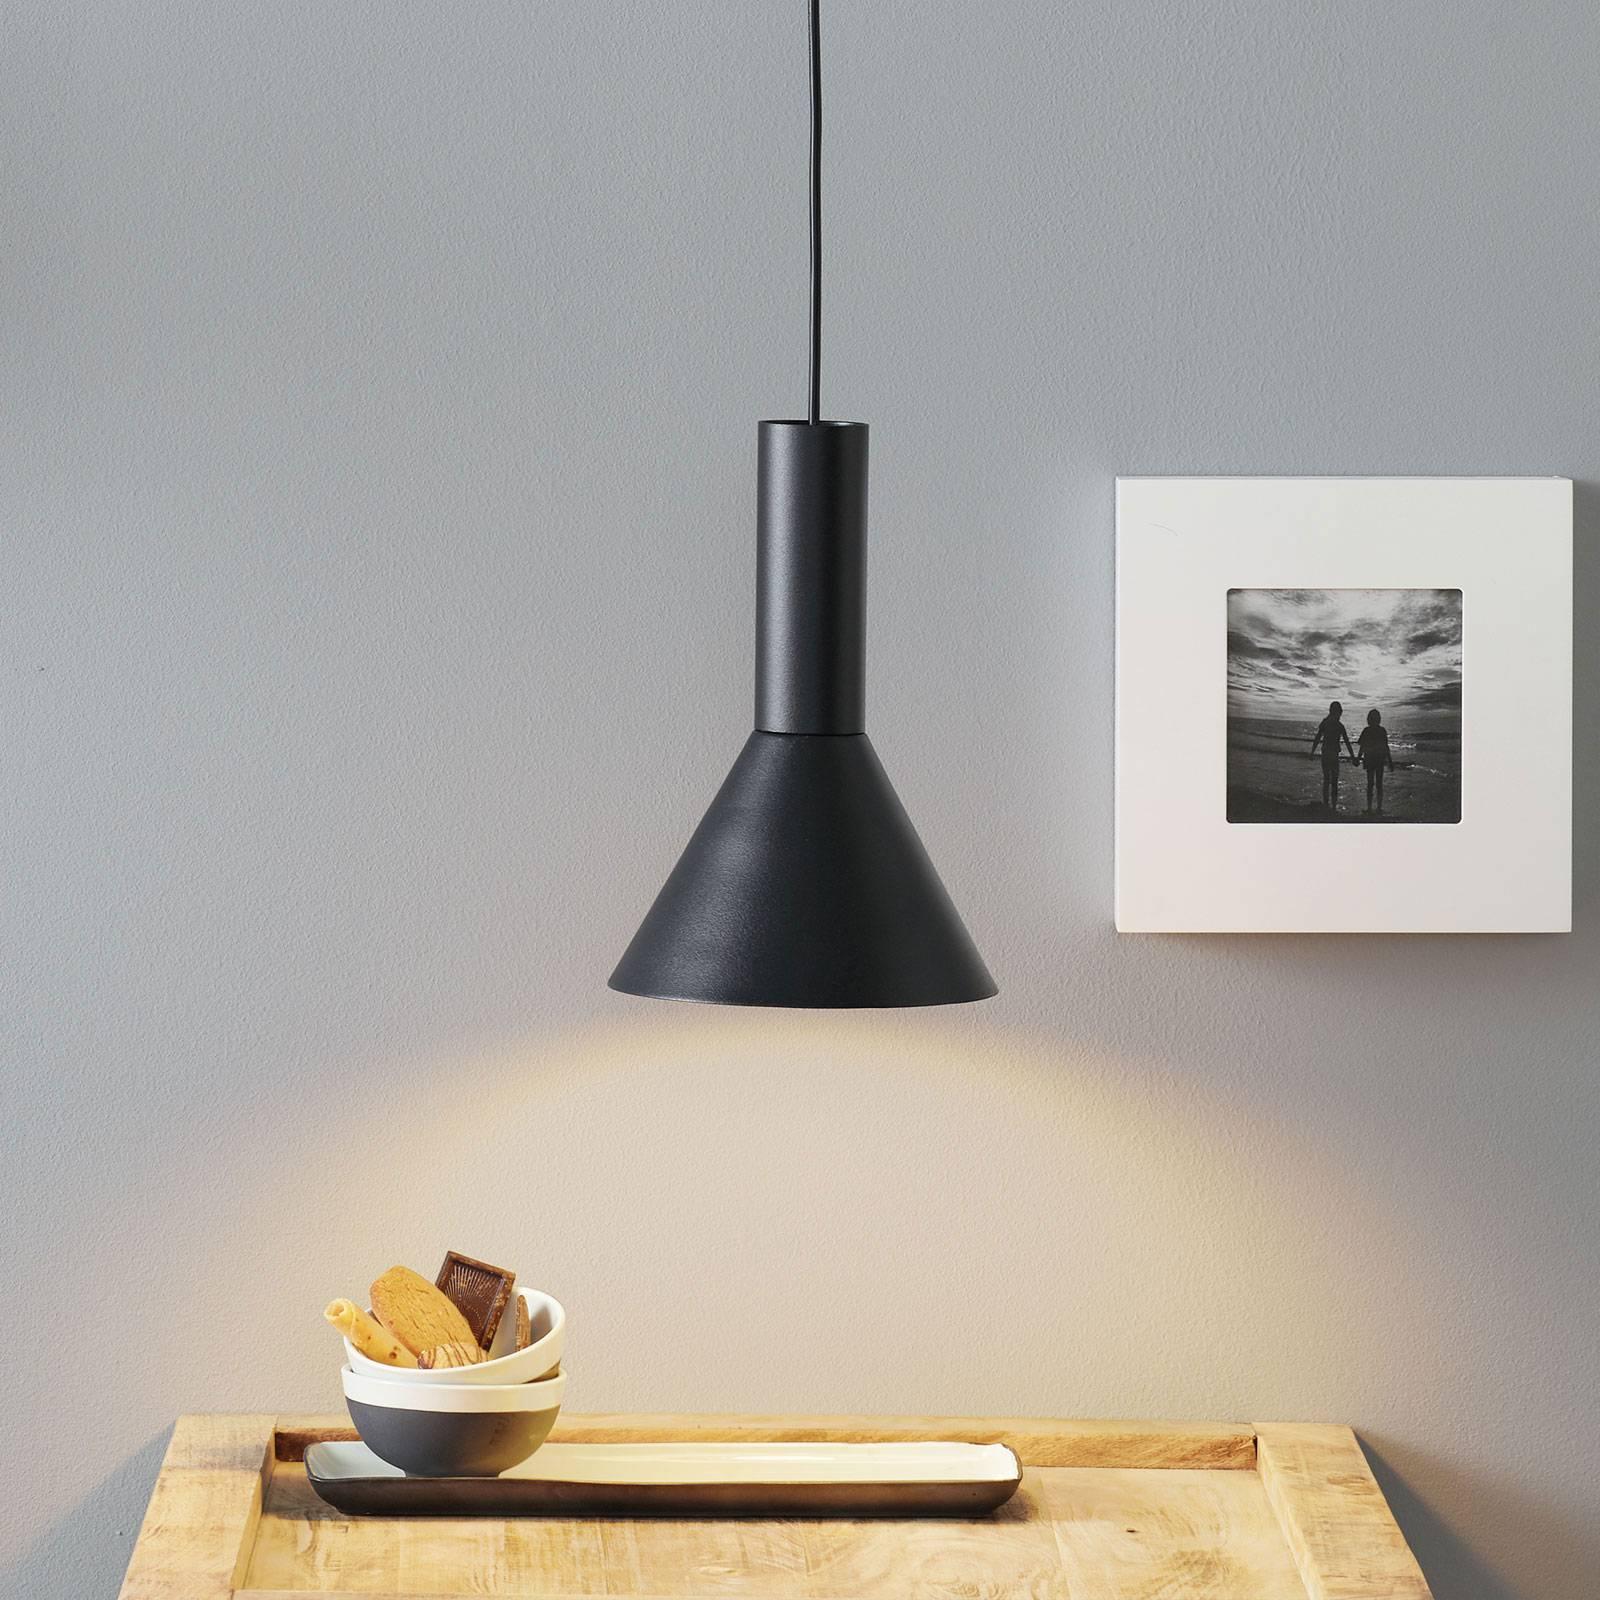 Lucande Caris sospensione Ø 19 cm nero/bianco